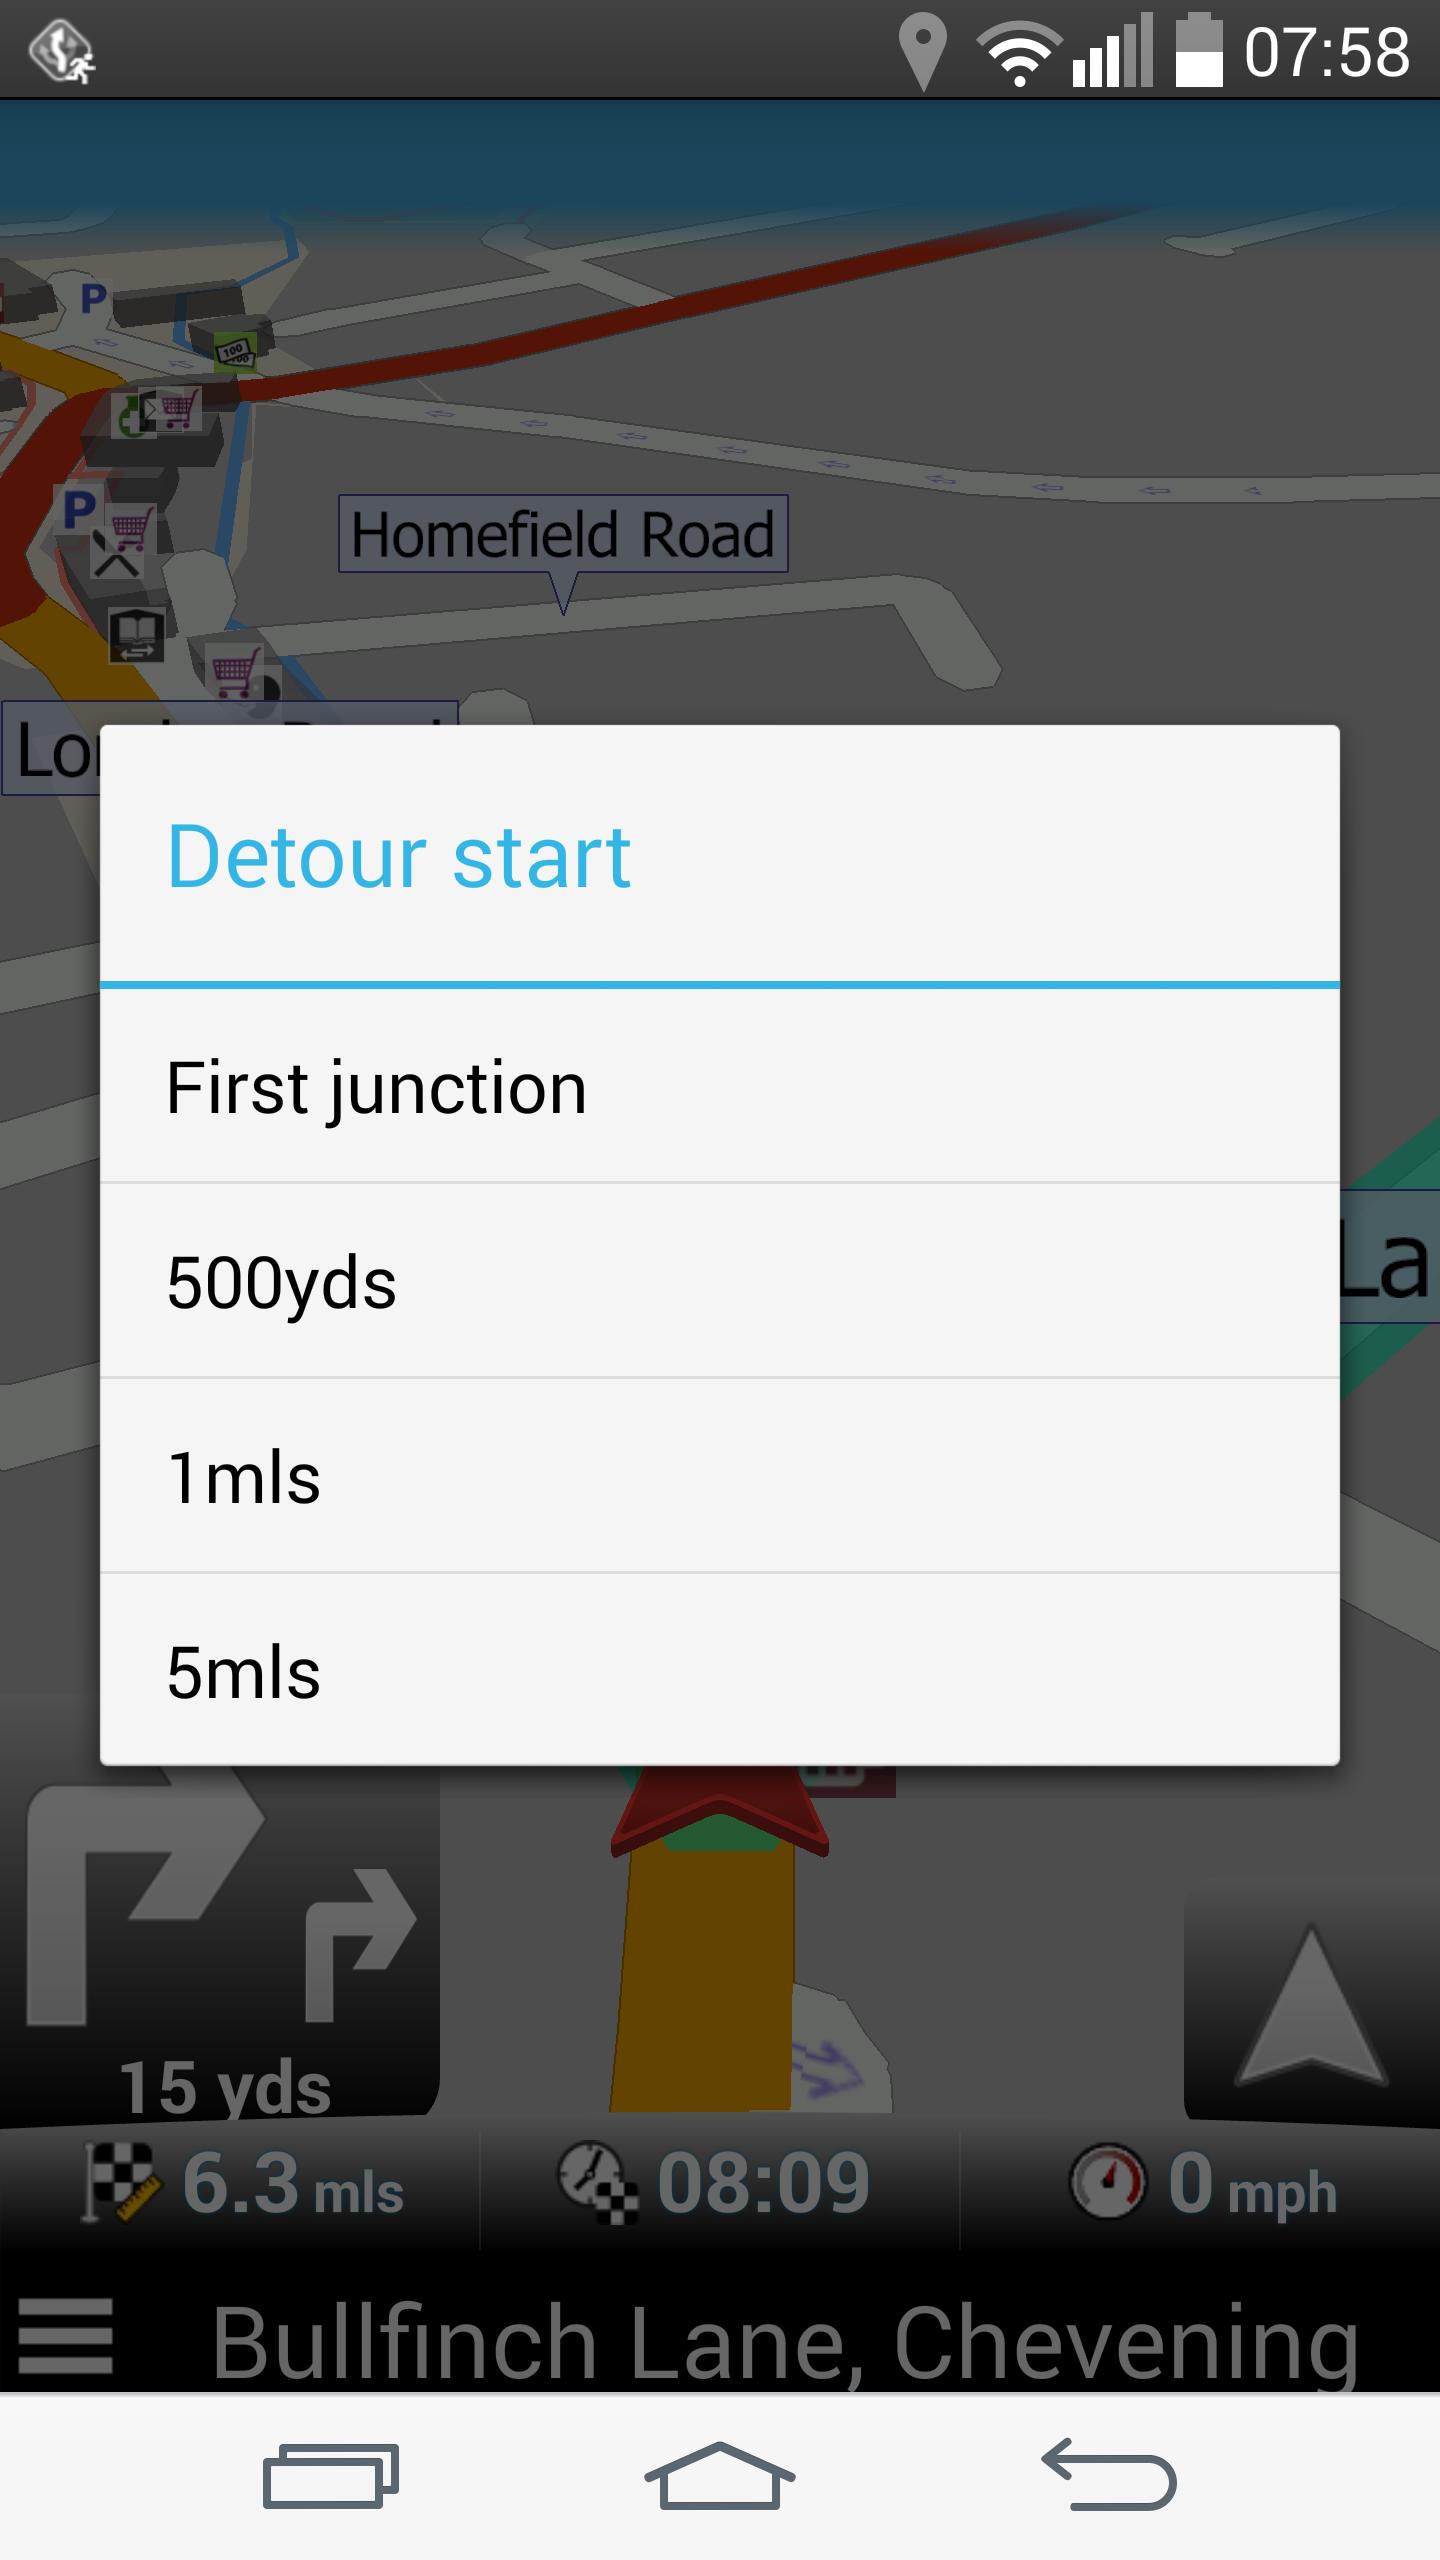 Navigator - Detour start